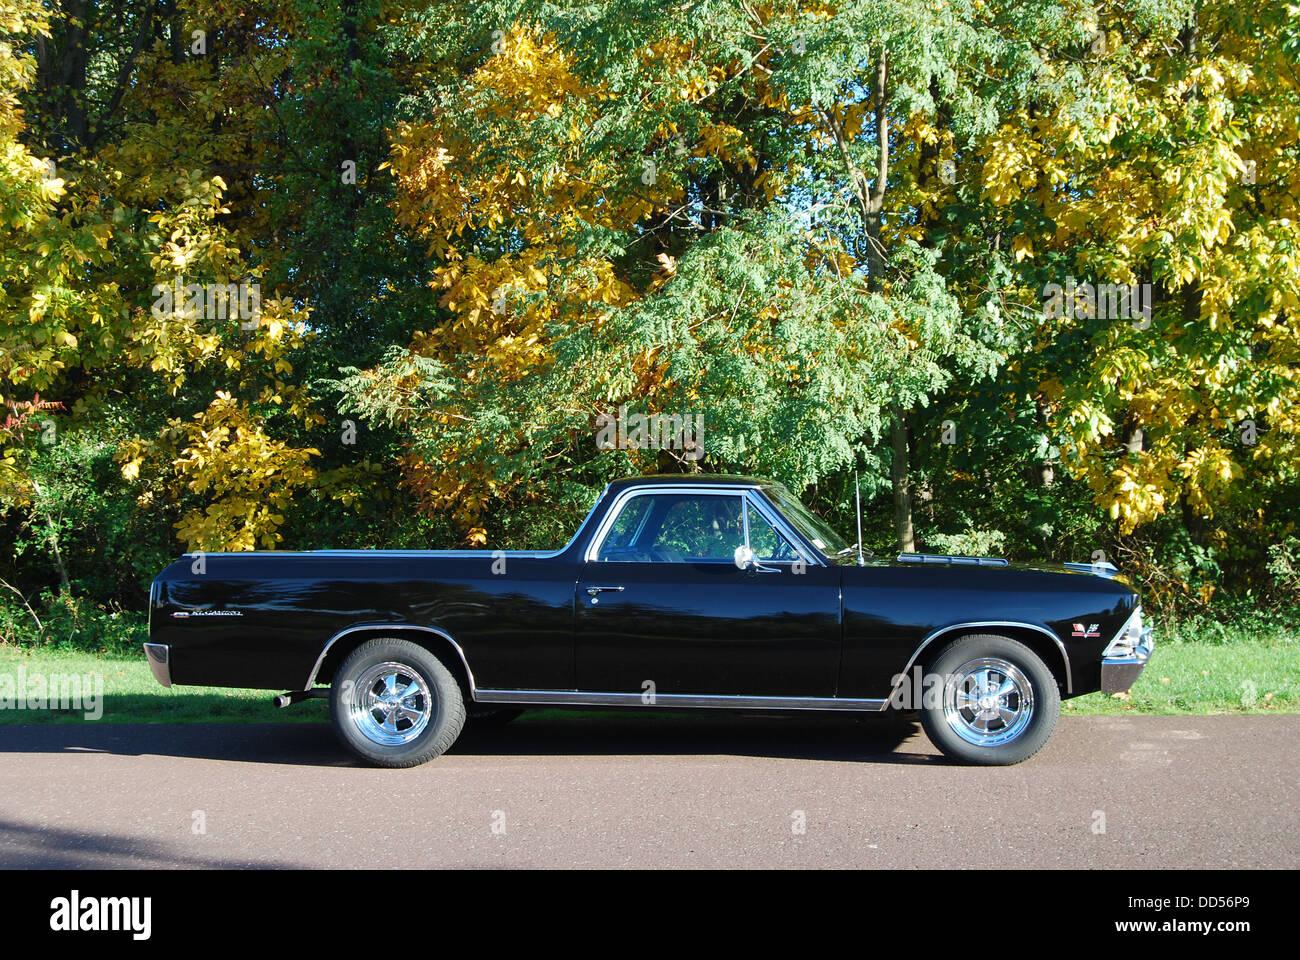 1966 El Camino Chevy Stock Photos Image